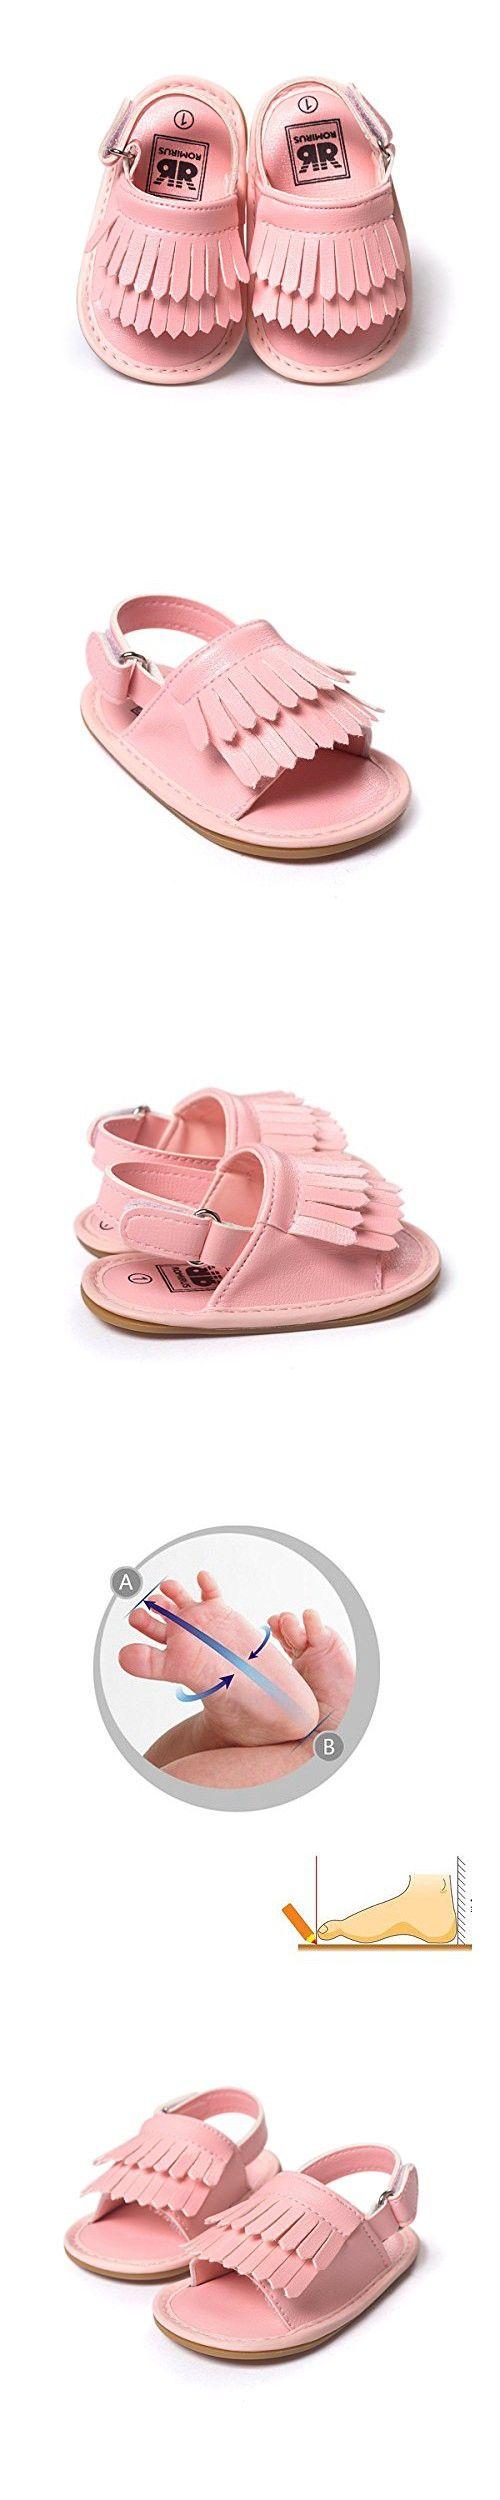 QGAKAGO Infant Baby Girls Moccasins Tassels Premium Soft Sole Anti-Slip Summer Prewalker Toddler Sandals (L: 5.5 inches(12~18 months), Pink)